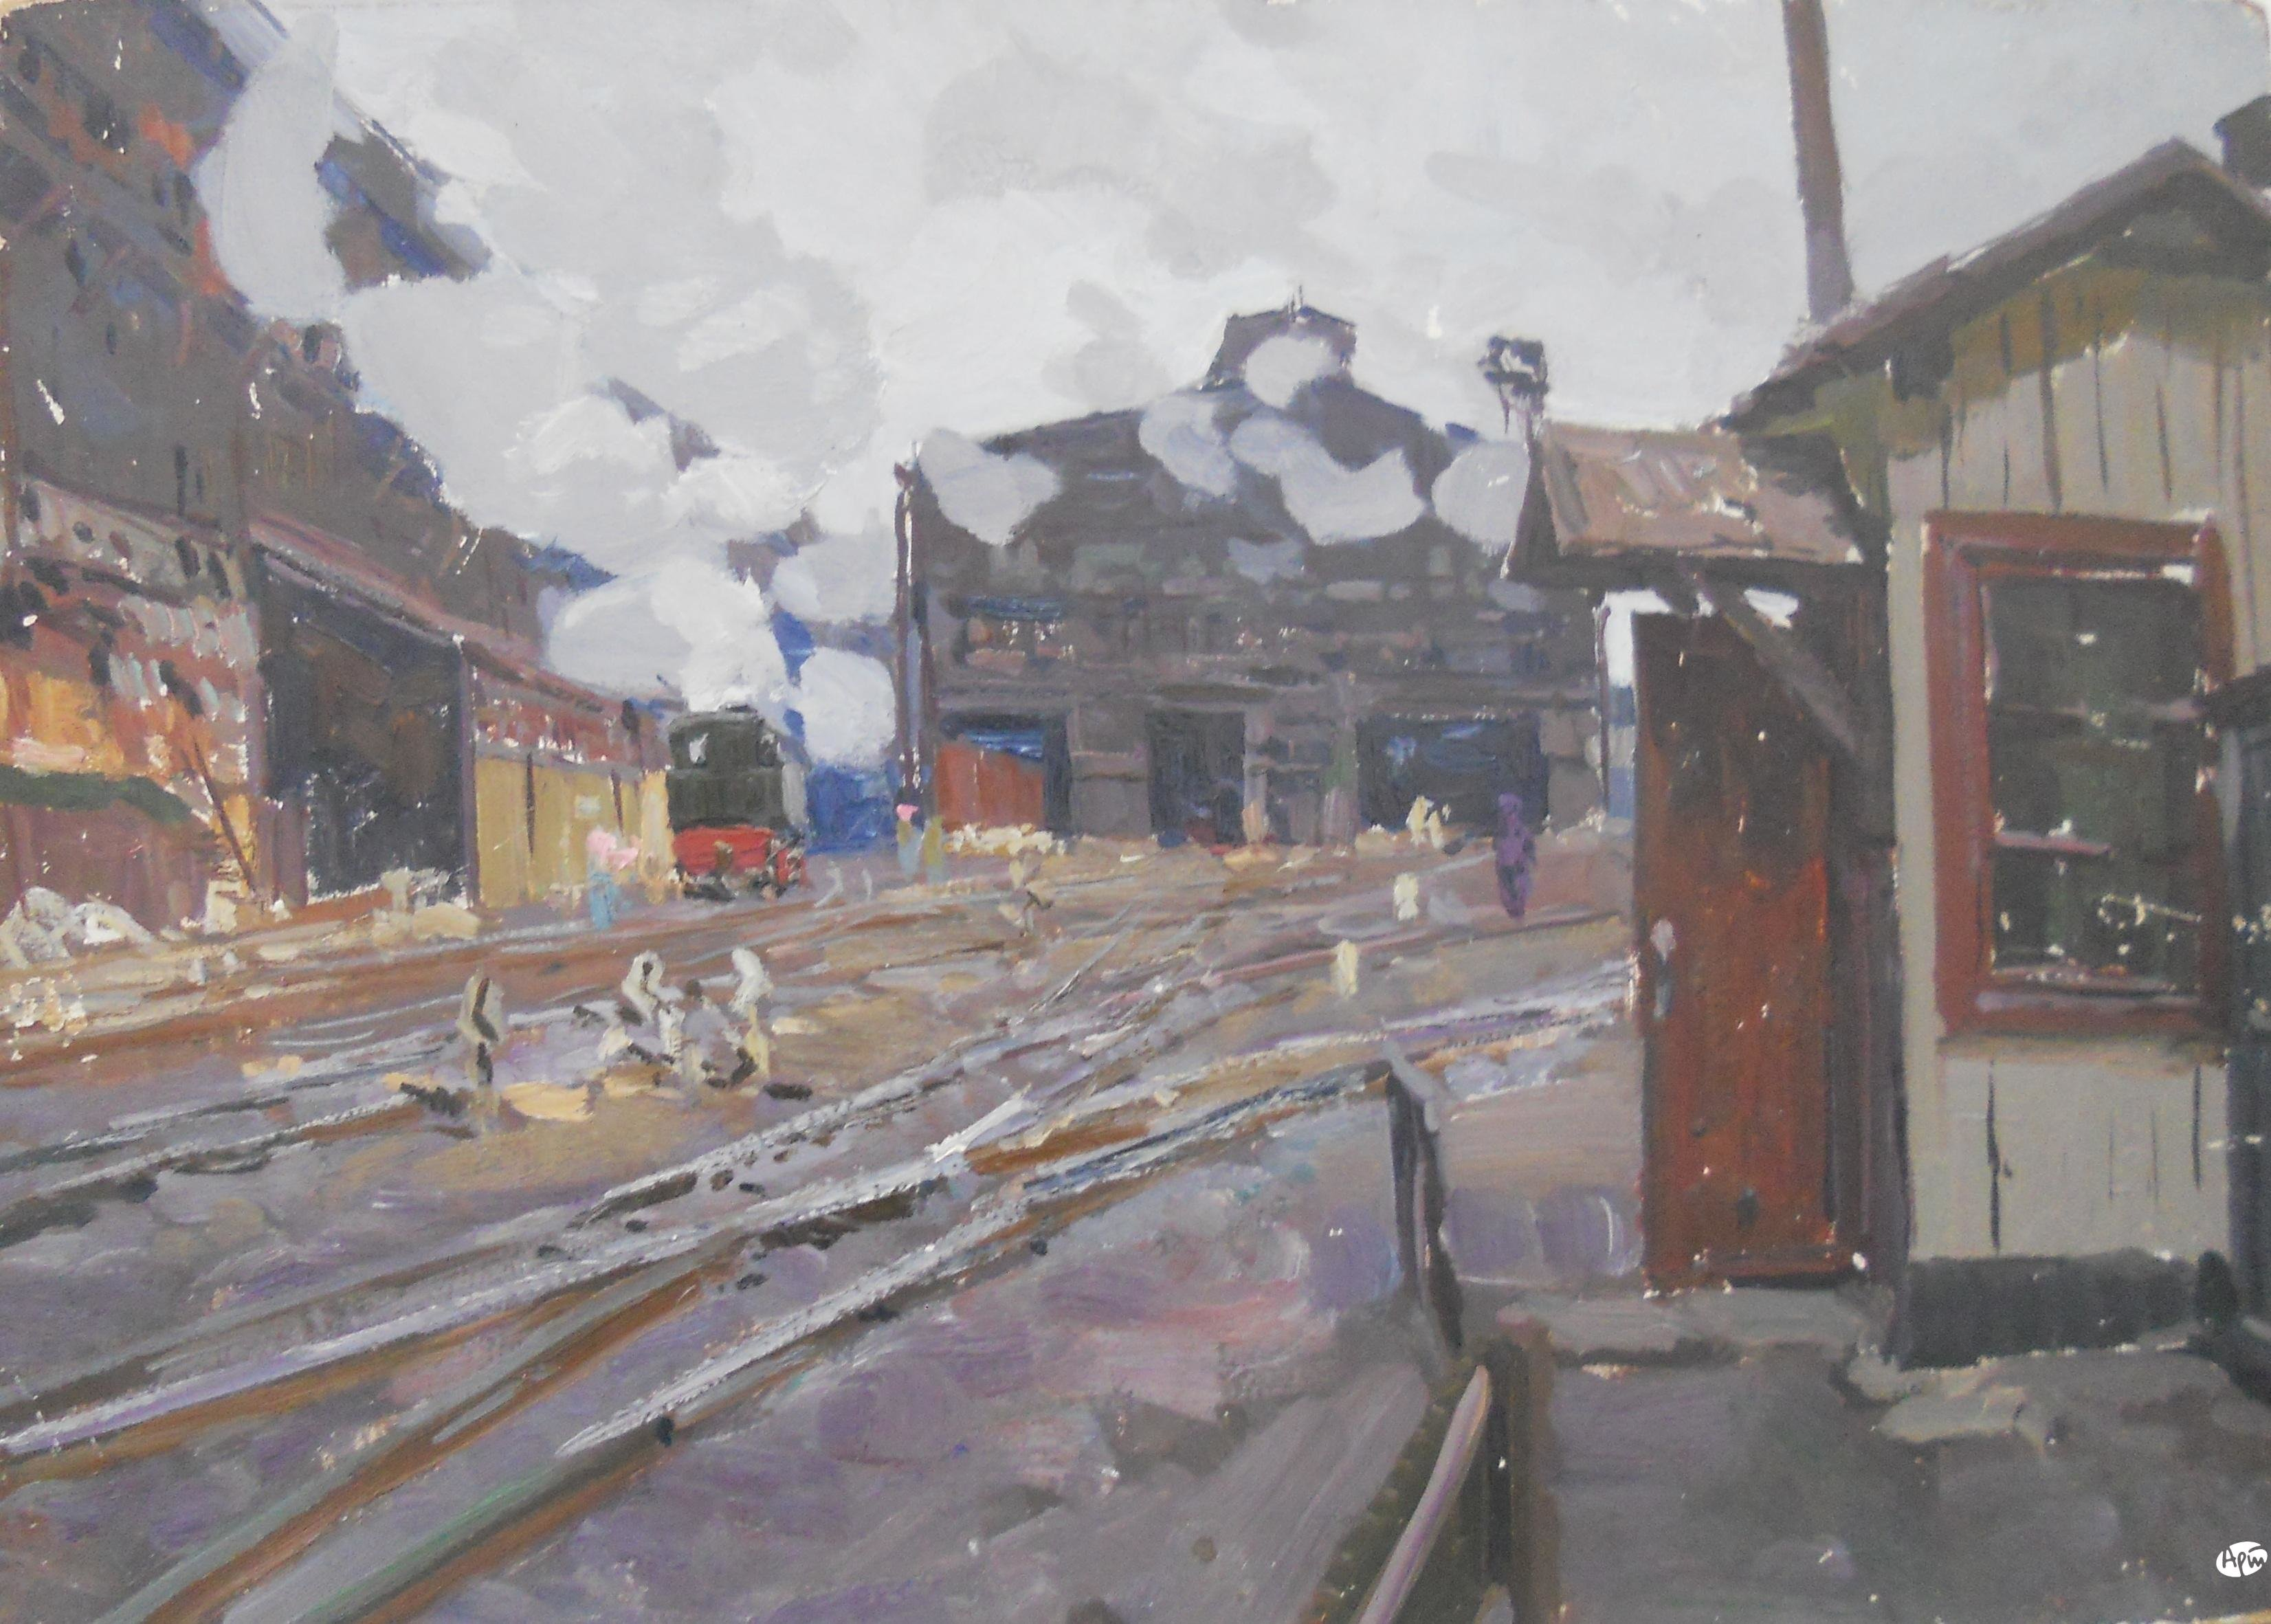 Акиньшин М. В. На товарной станции.1968 г. Картон/масло 49,5x69,5 см